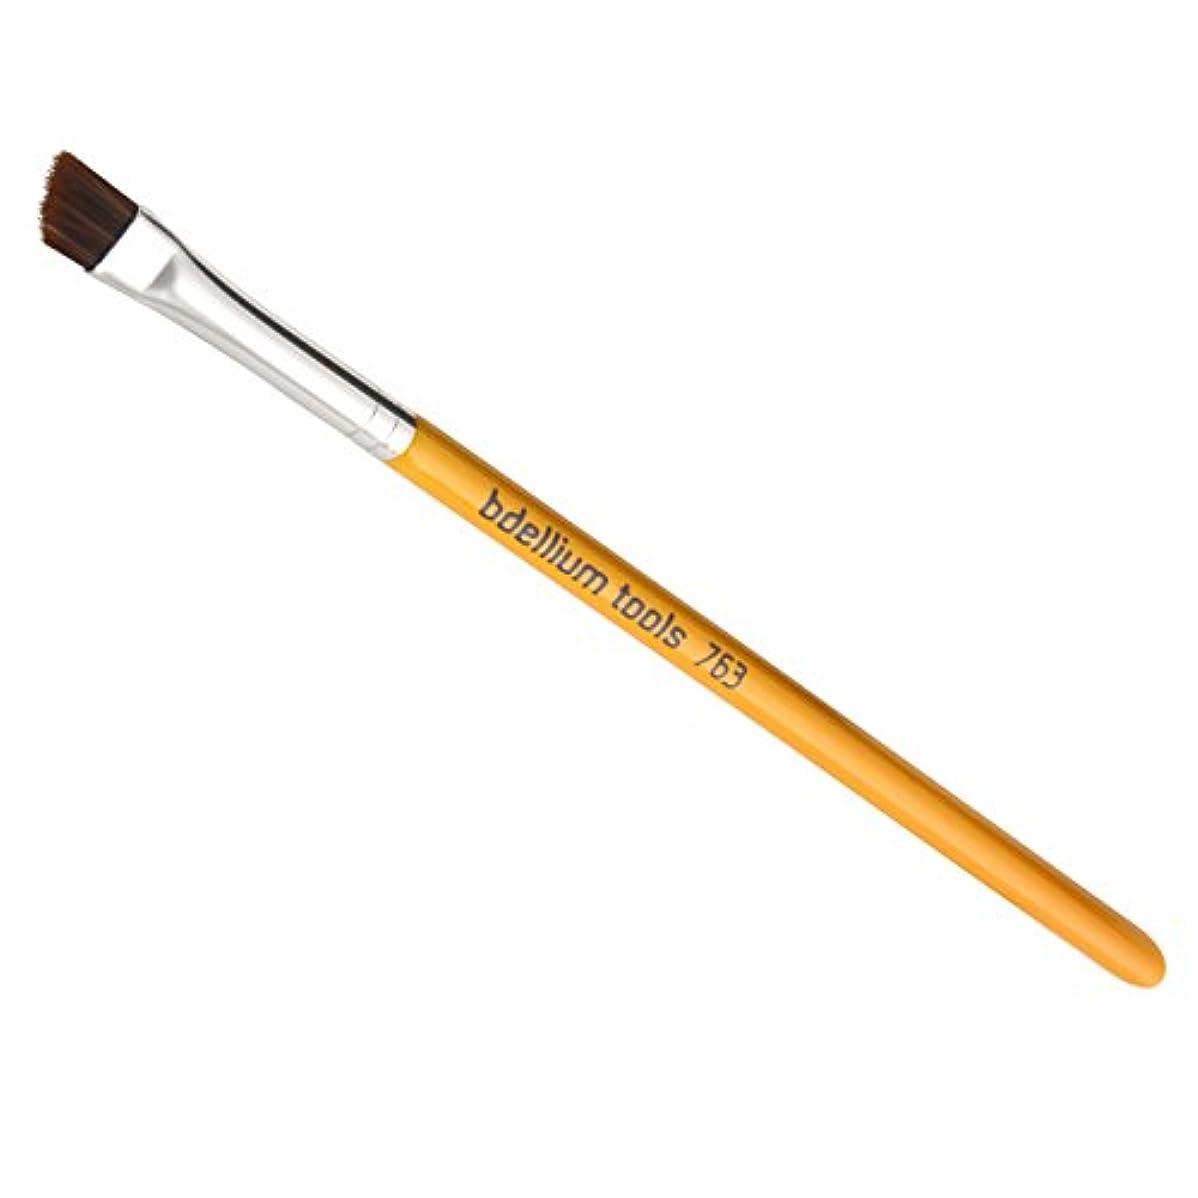 誰も共和国巻き戻すStudio Line アングル ブロウ 眉 眉毛 アイブロウ 専用 ブラシ 化粧 メイク 米国 ハリウッド プロフェッショナル